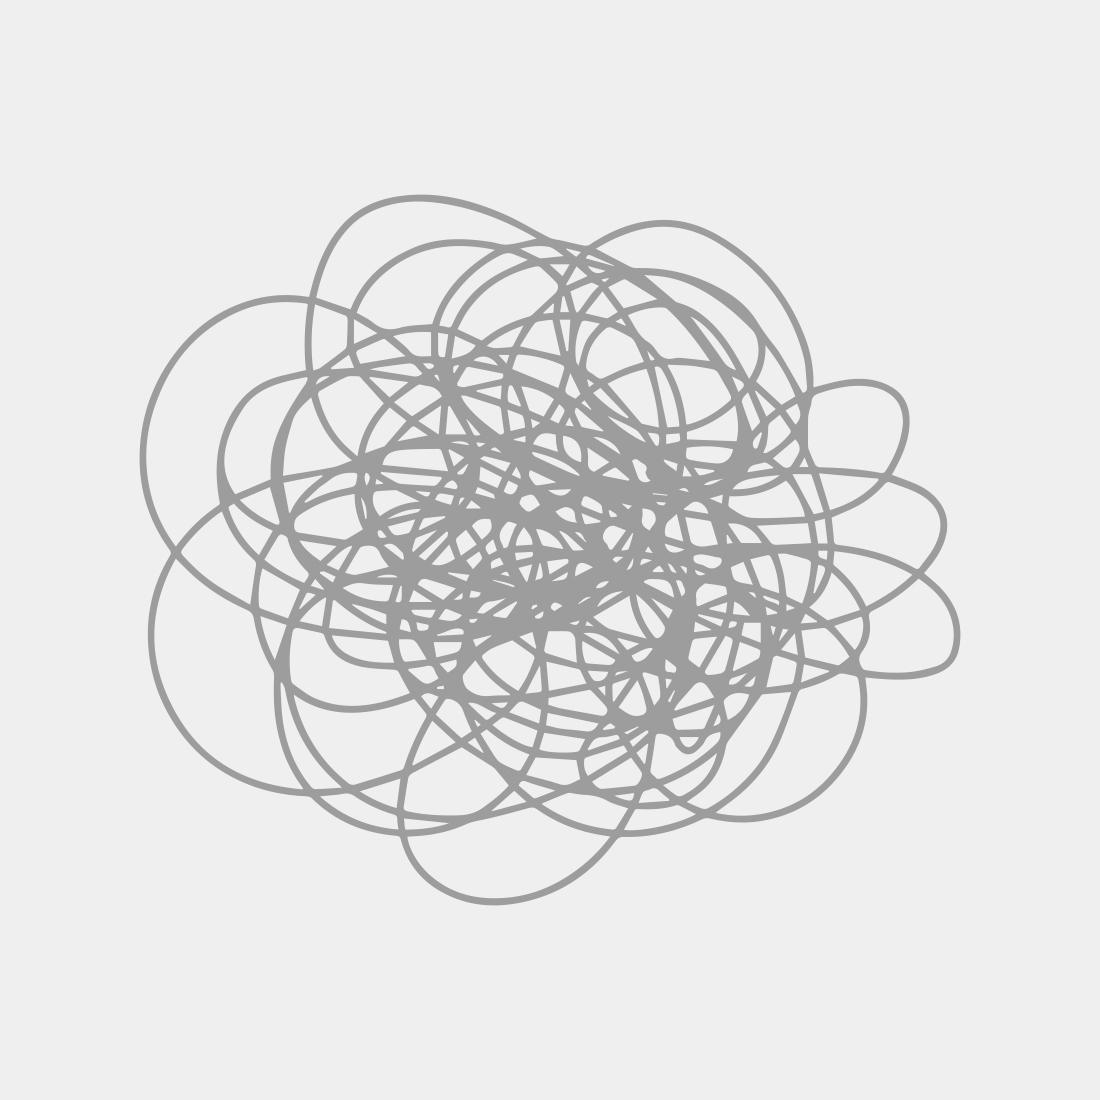 Spilliaert Depths of Soul